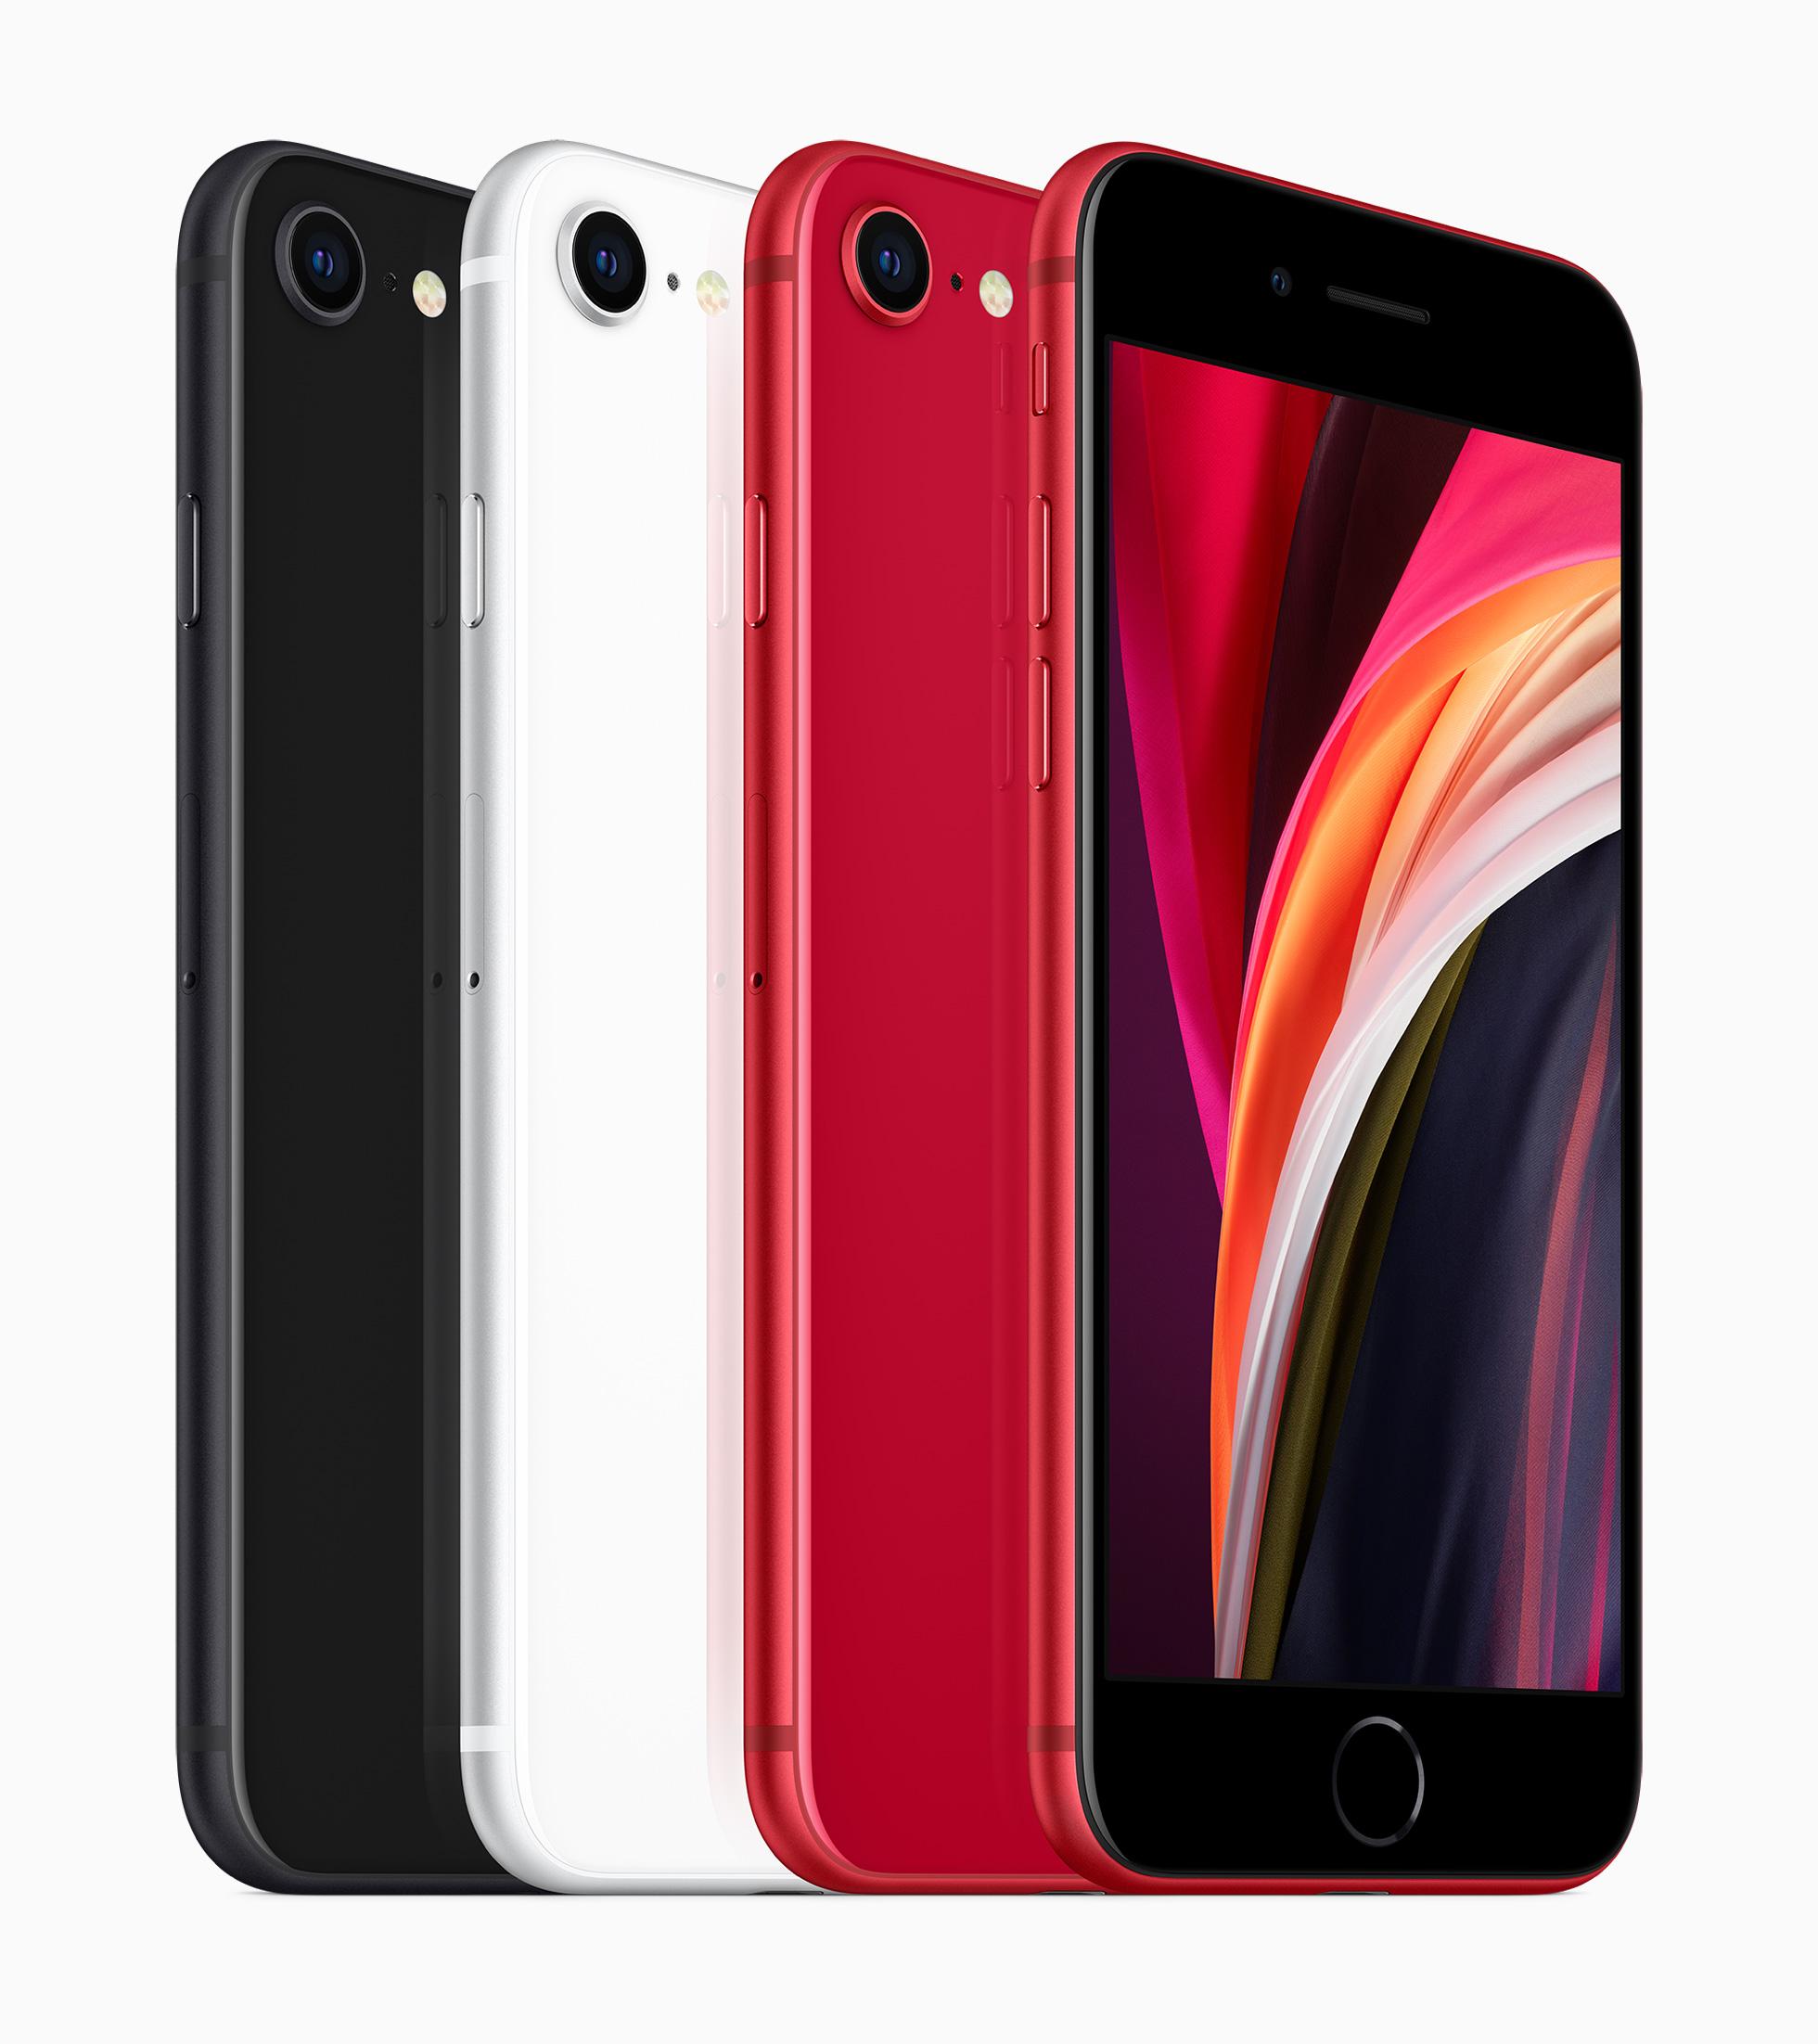 Новый iPhone SE будет выполнен в трех цветах: черном, белом и красном